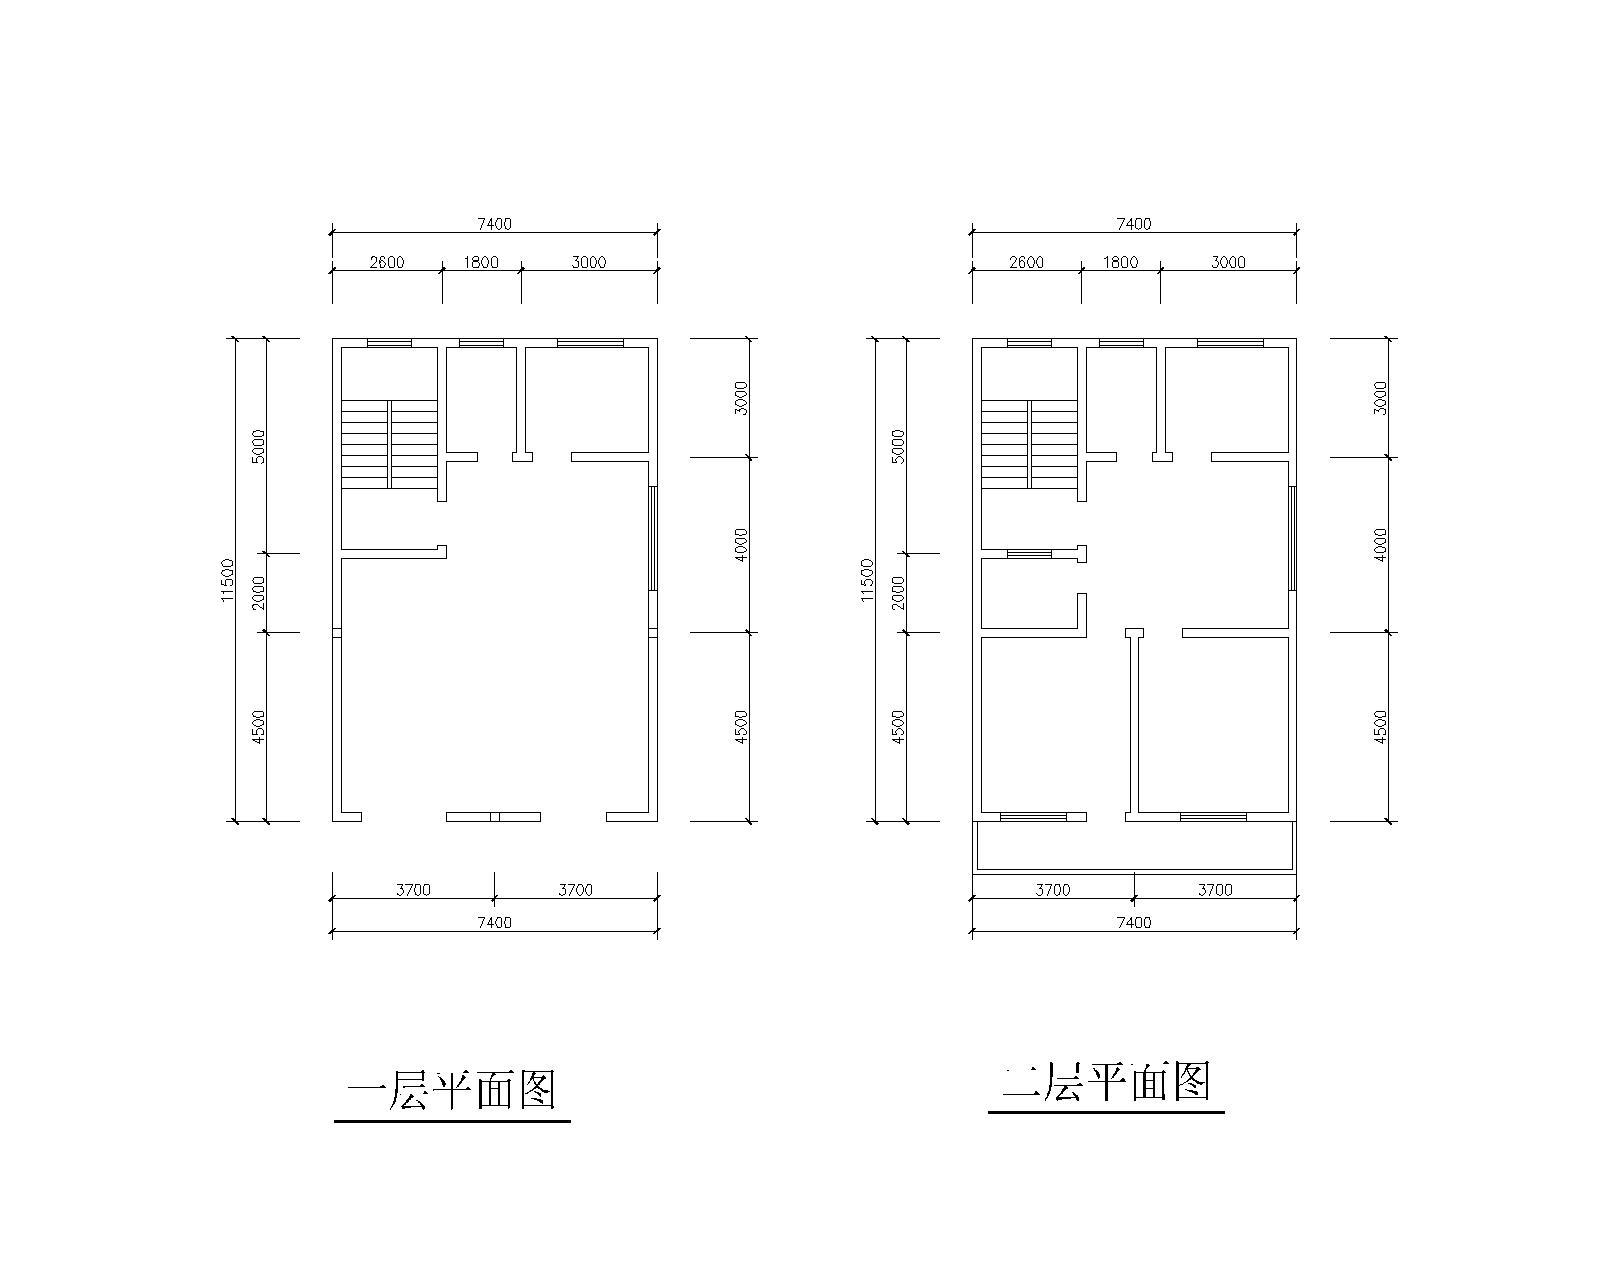 求8*12农村房屋建筑结构户型图,占地面积:南北宽8米,东西长12米 朝向